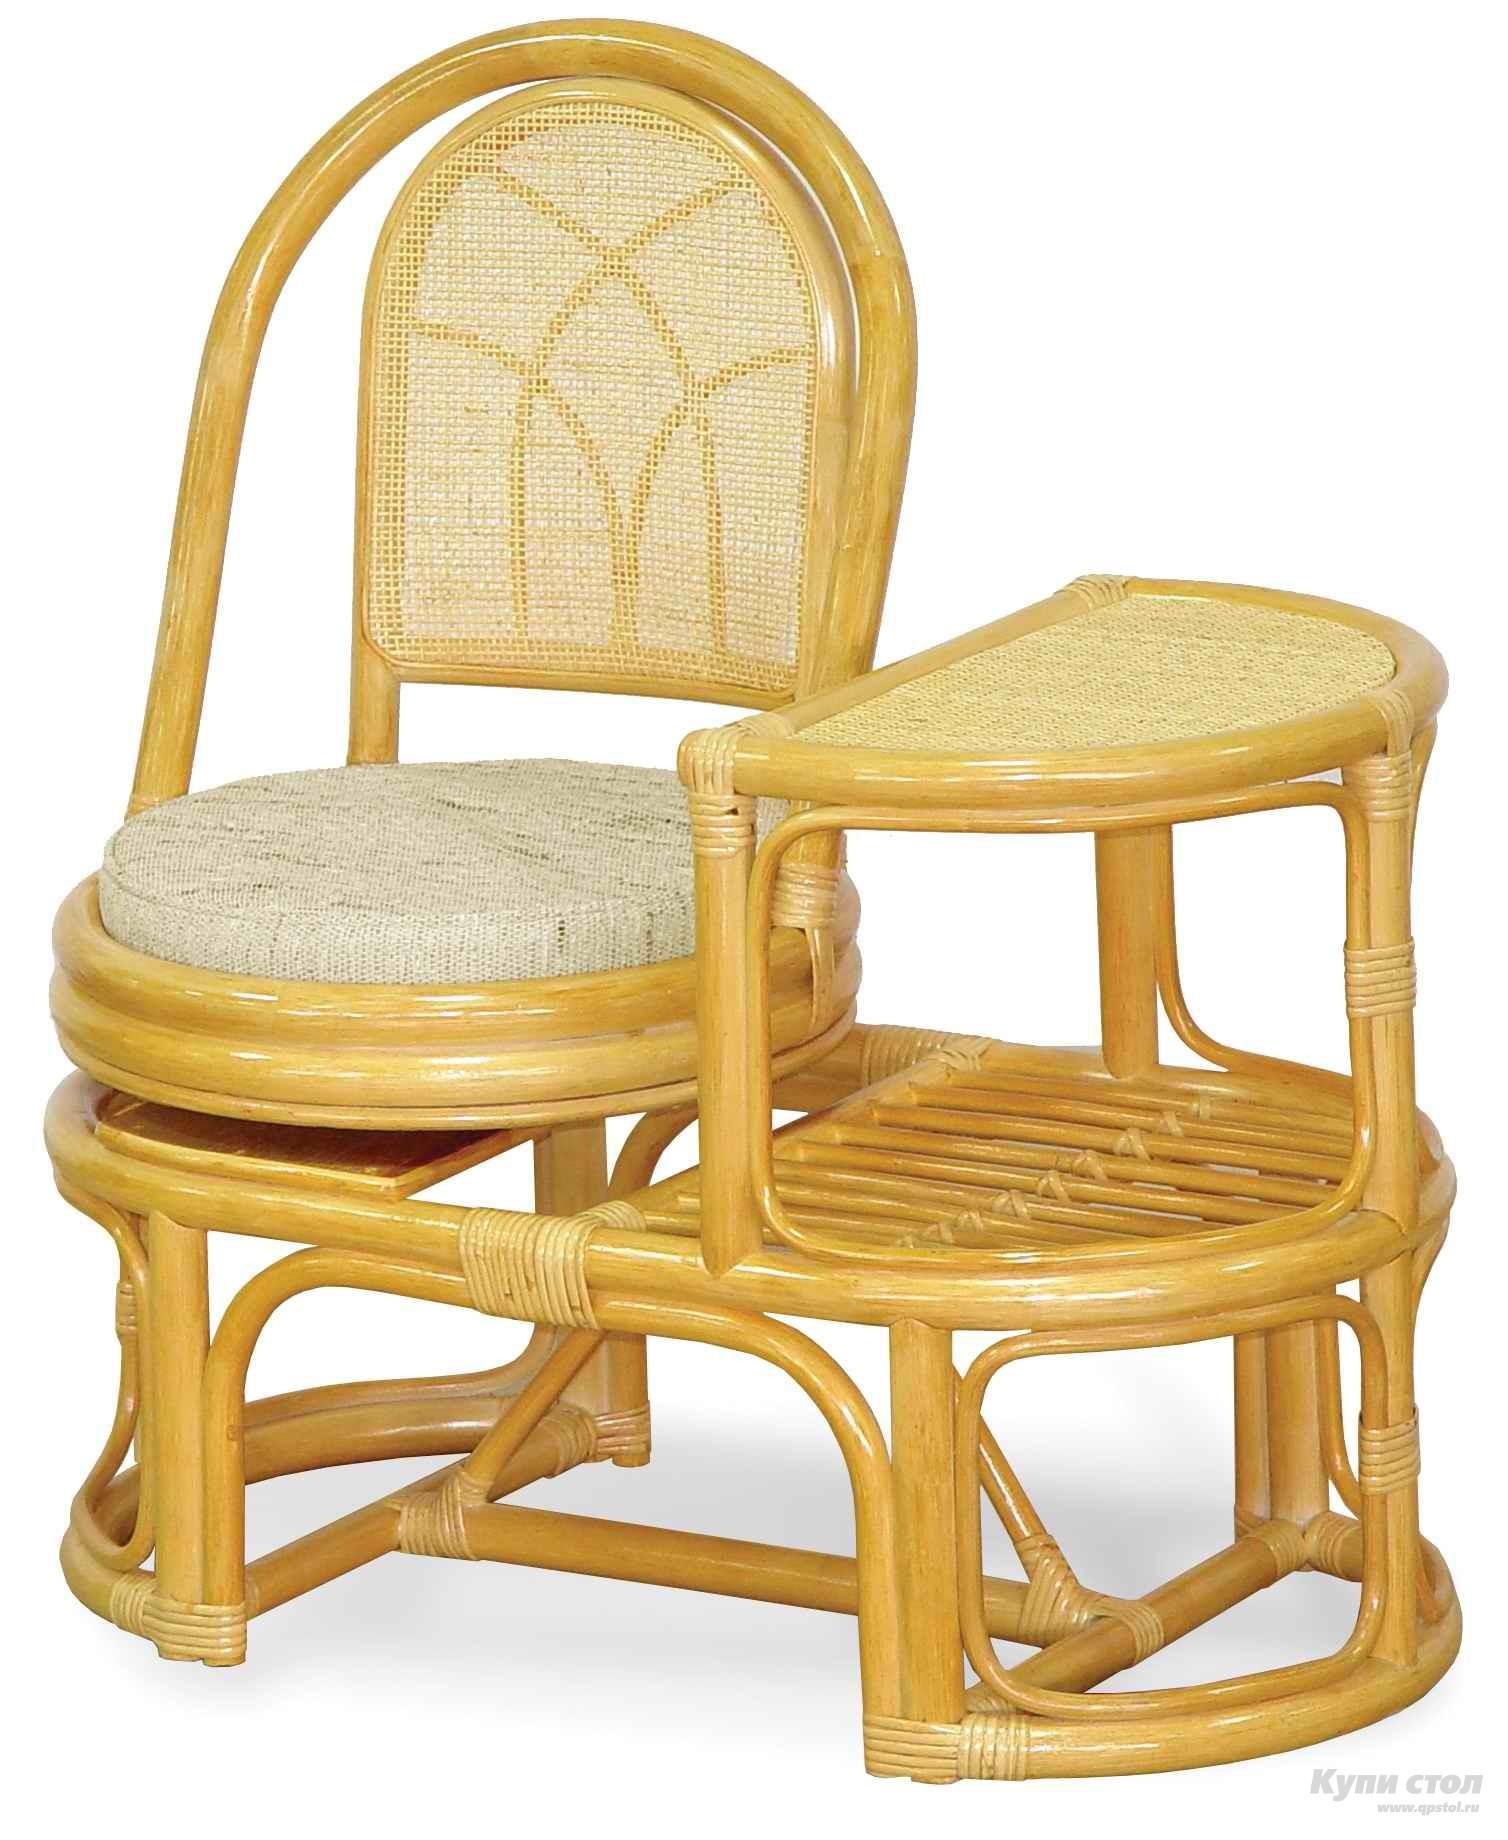 Столик под телефон 13/01 КупиСтол.Ru 8050.000